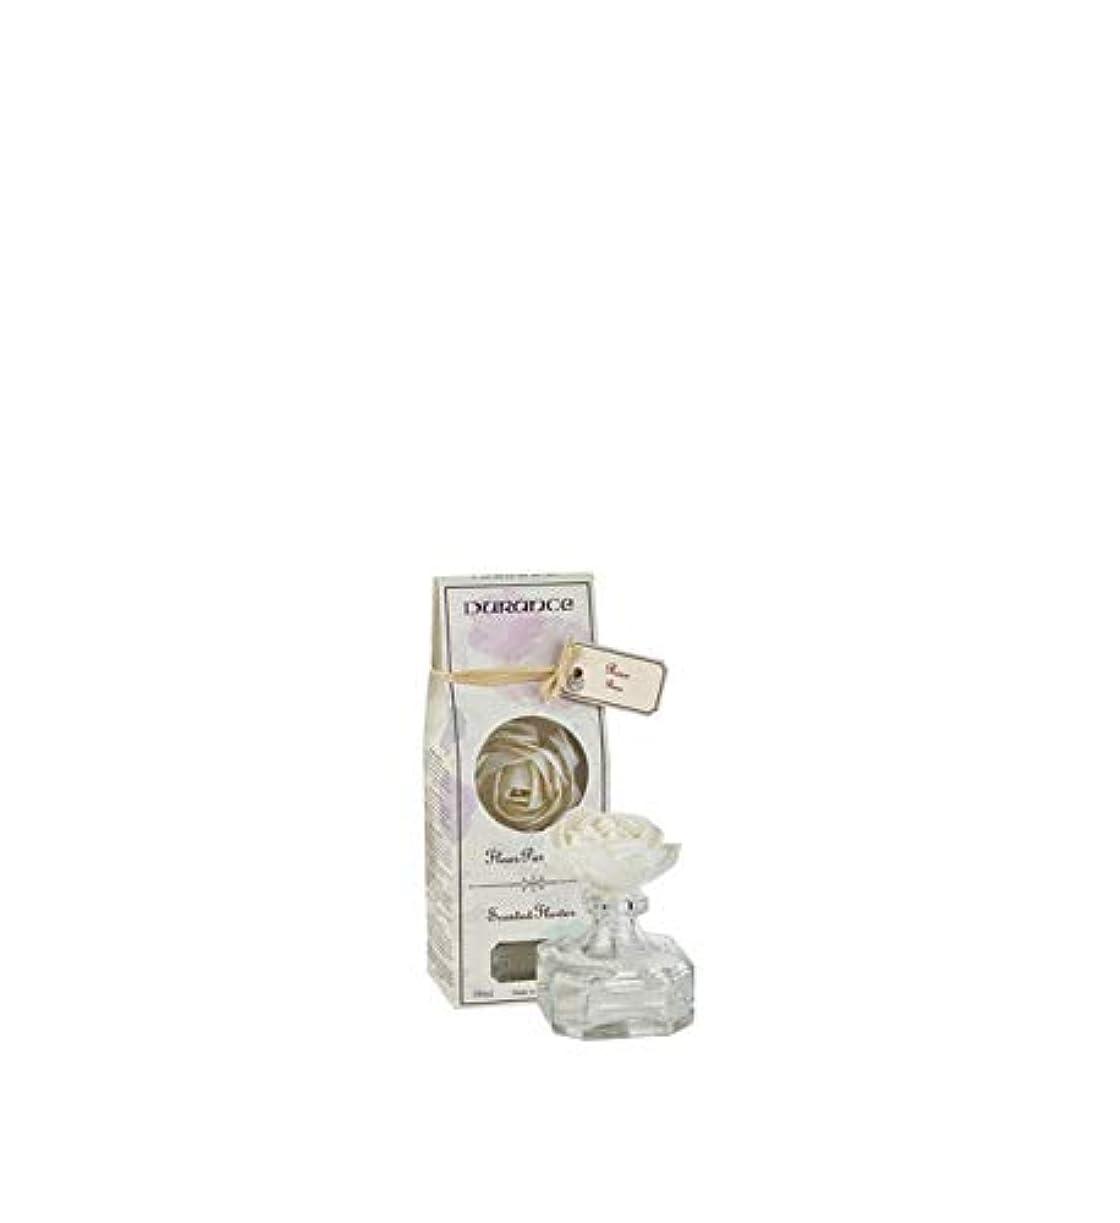 振る袋防止DURANCEデュランス ローズフラワーブーケ100ml ローズの香り ルームフレグランス 芳香剤